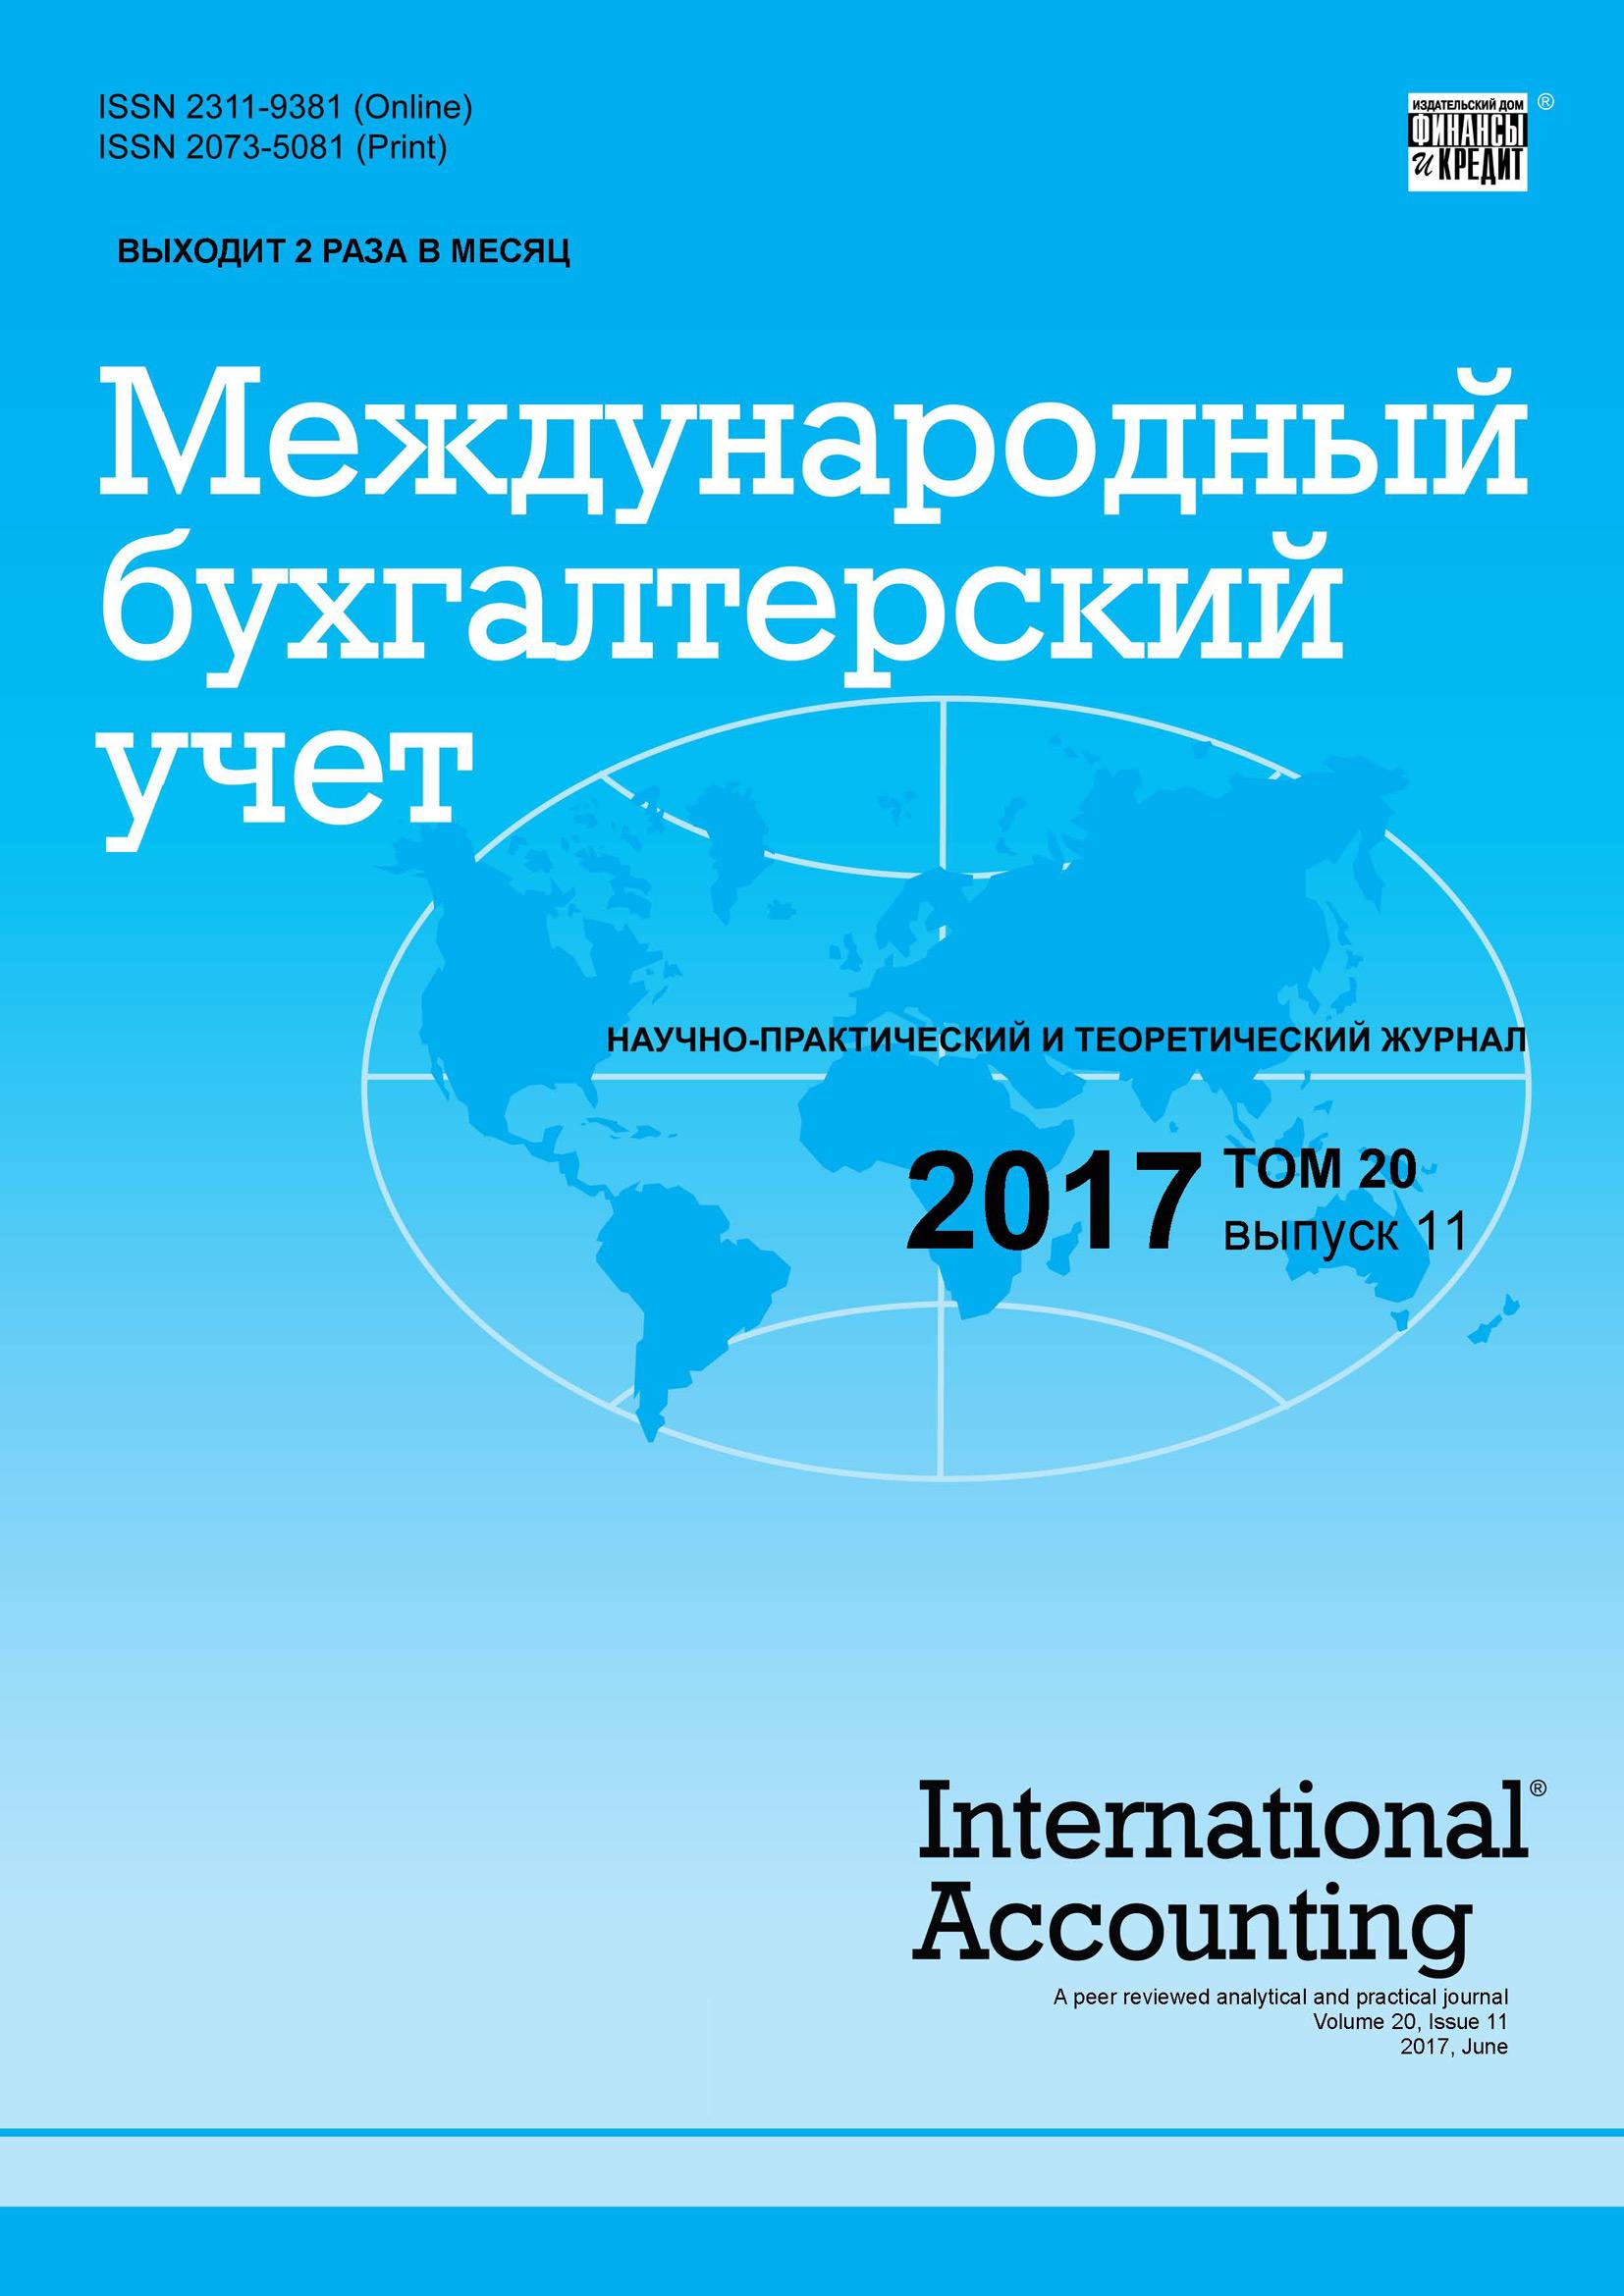 Международный бухгалтерский учет № 11 2017